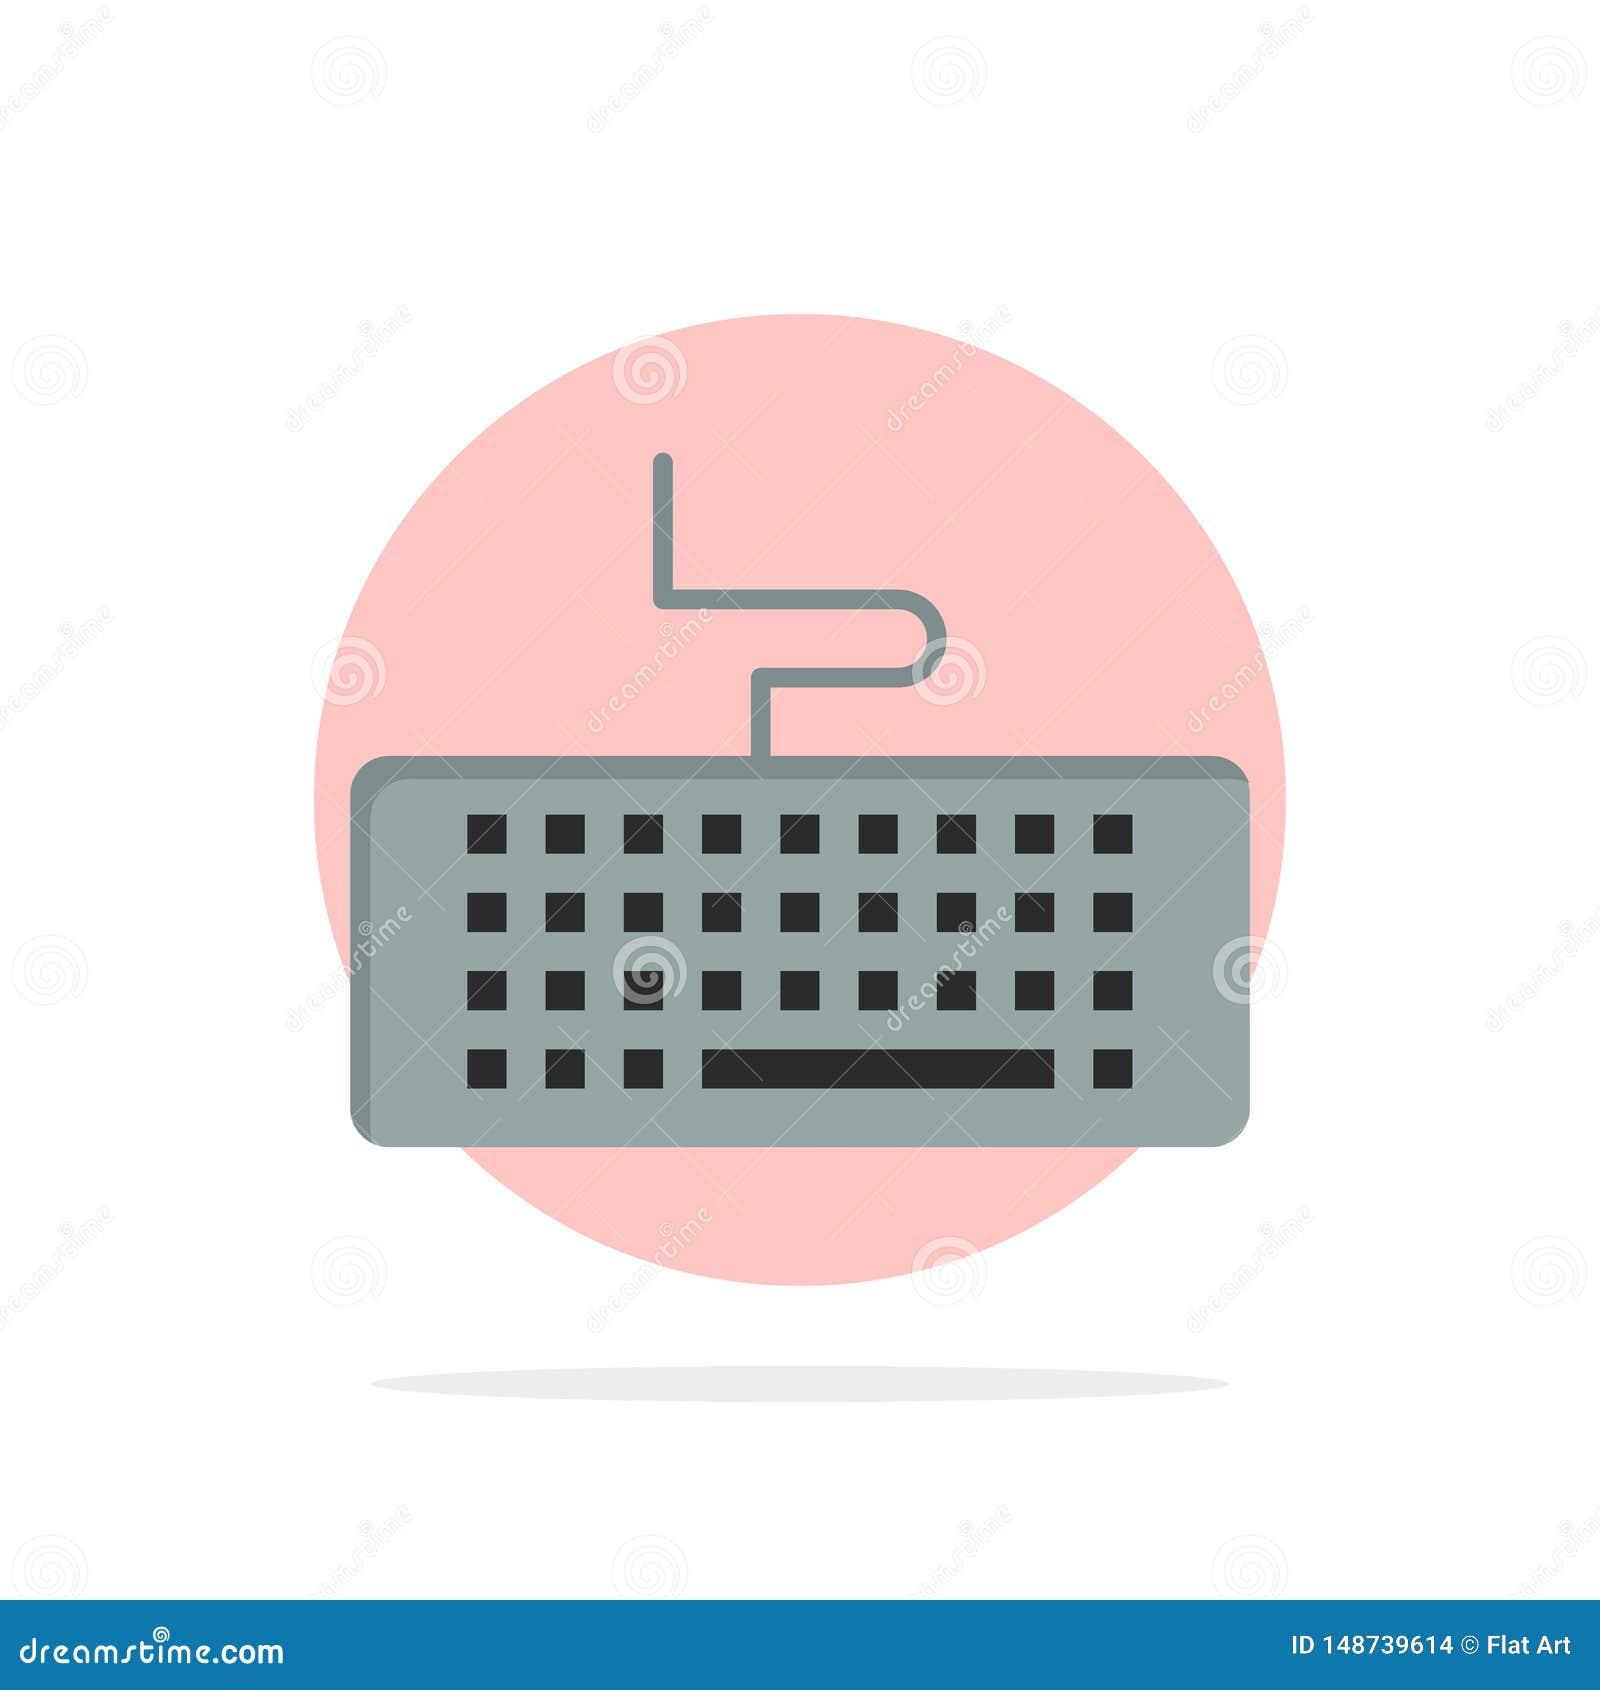 Ключ, клавиатура, оборудование, предпосылки круга образования значок цвета абстрактной плоский